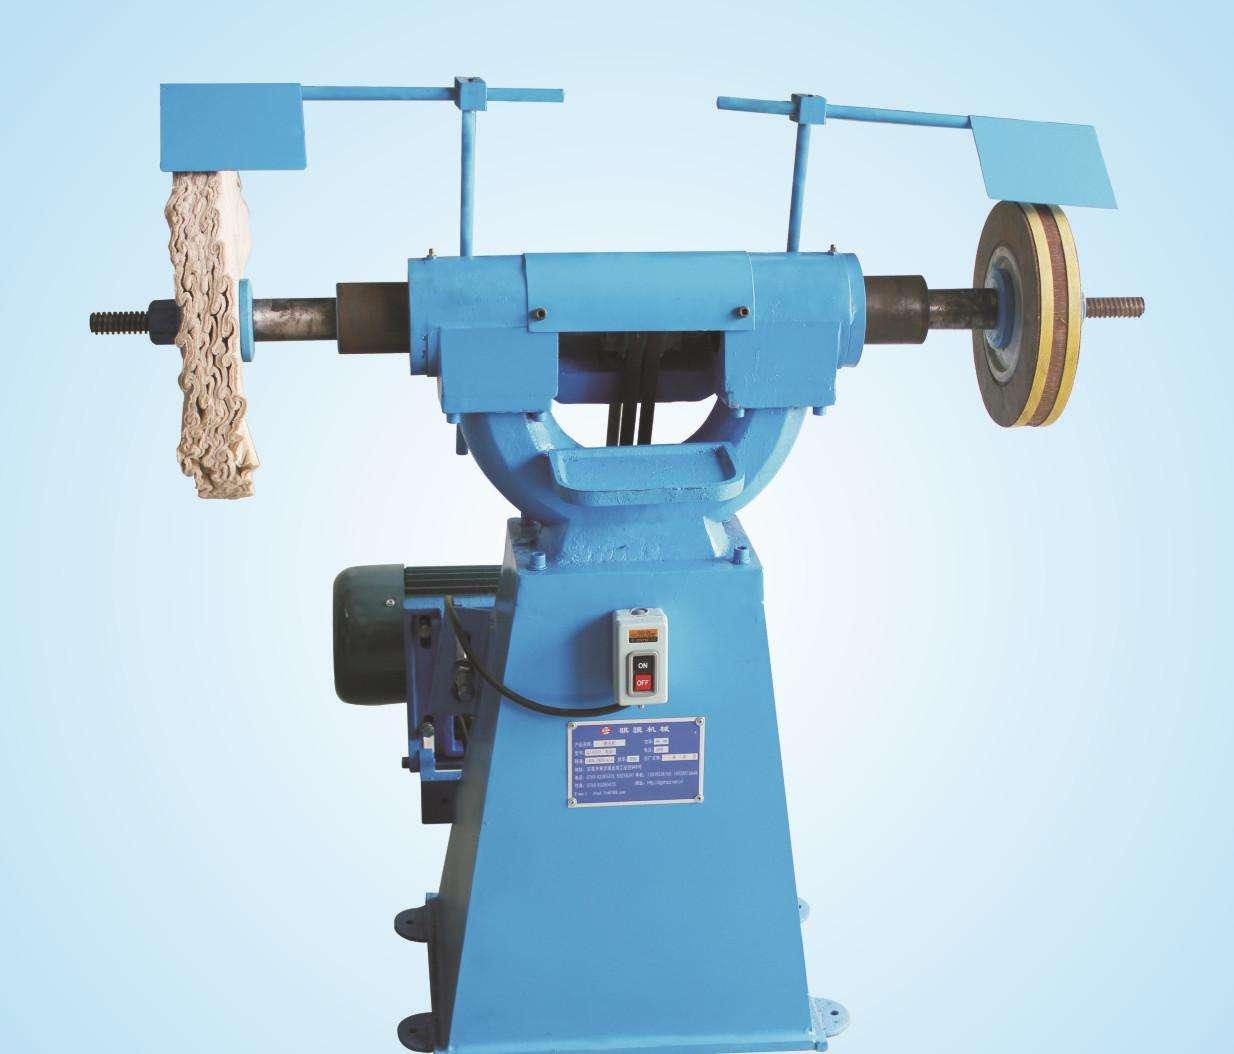 叙述打磨机焊接工艺过程中产生缺陷的原因